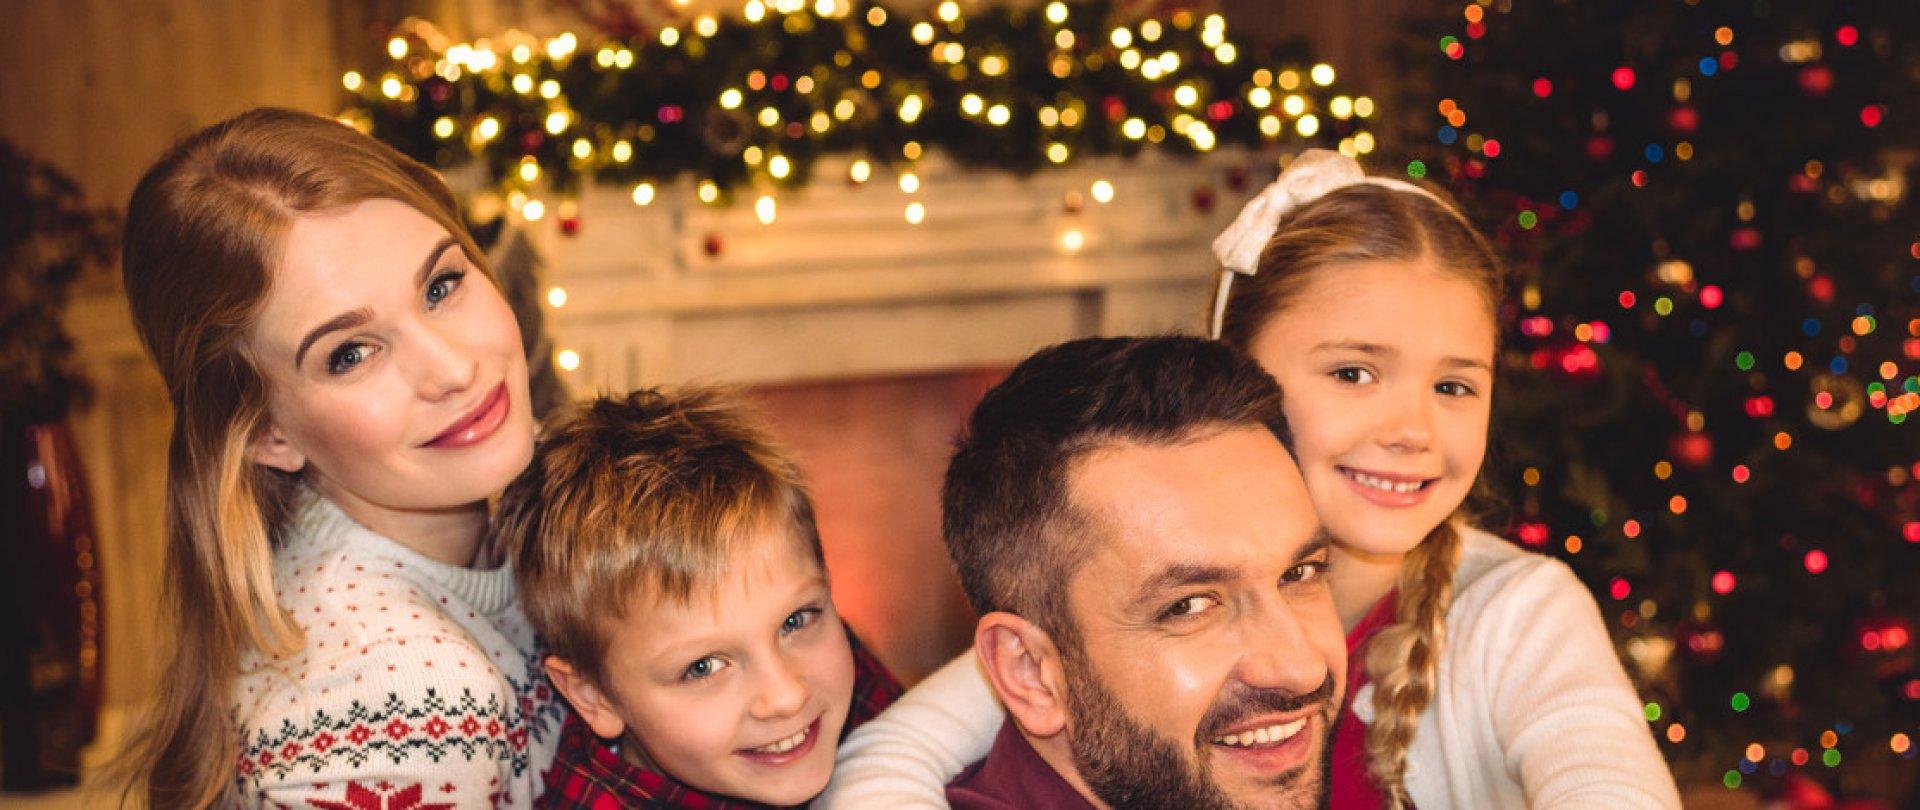 Pobyt Świąteczno - Noworoczny